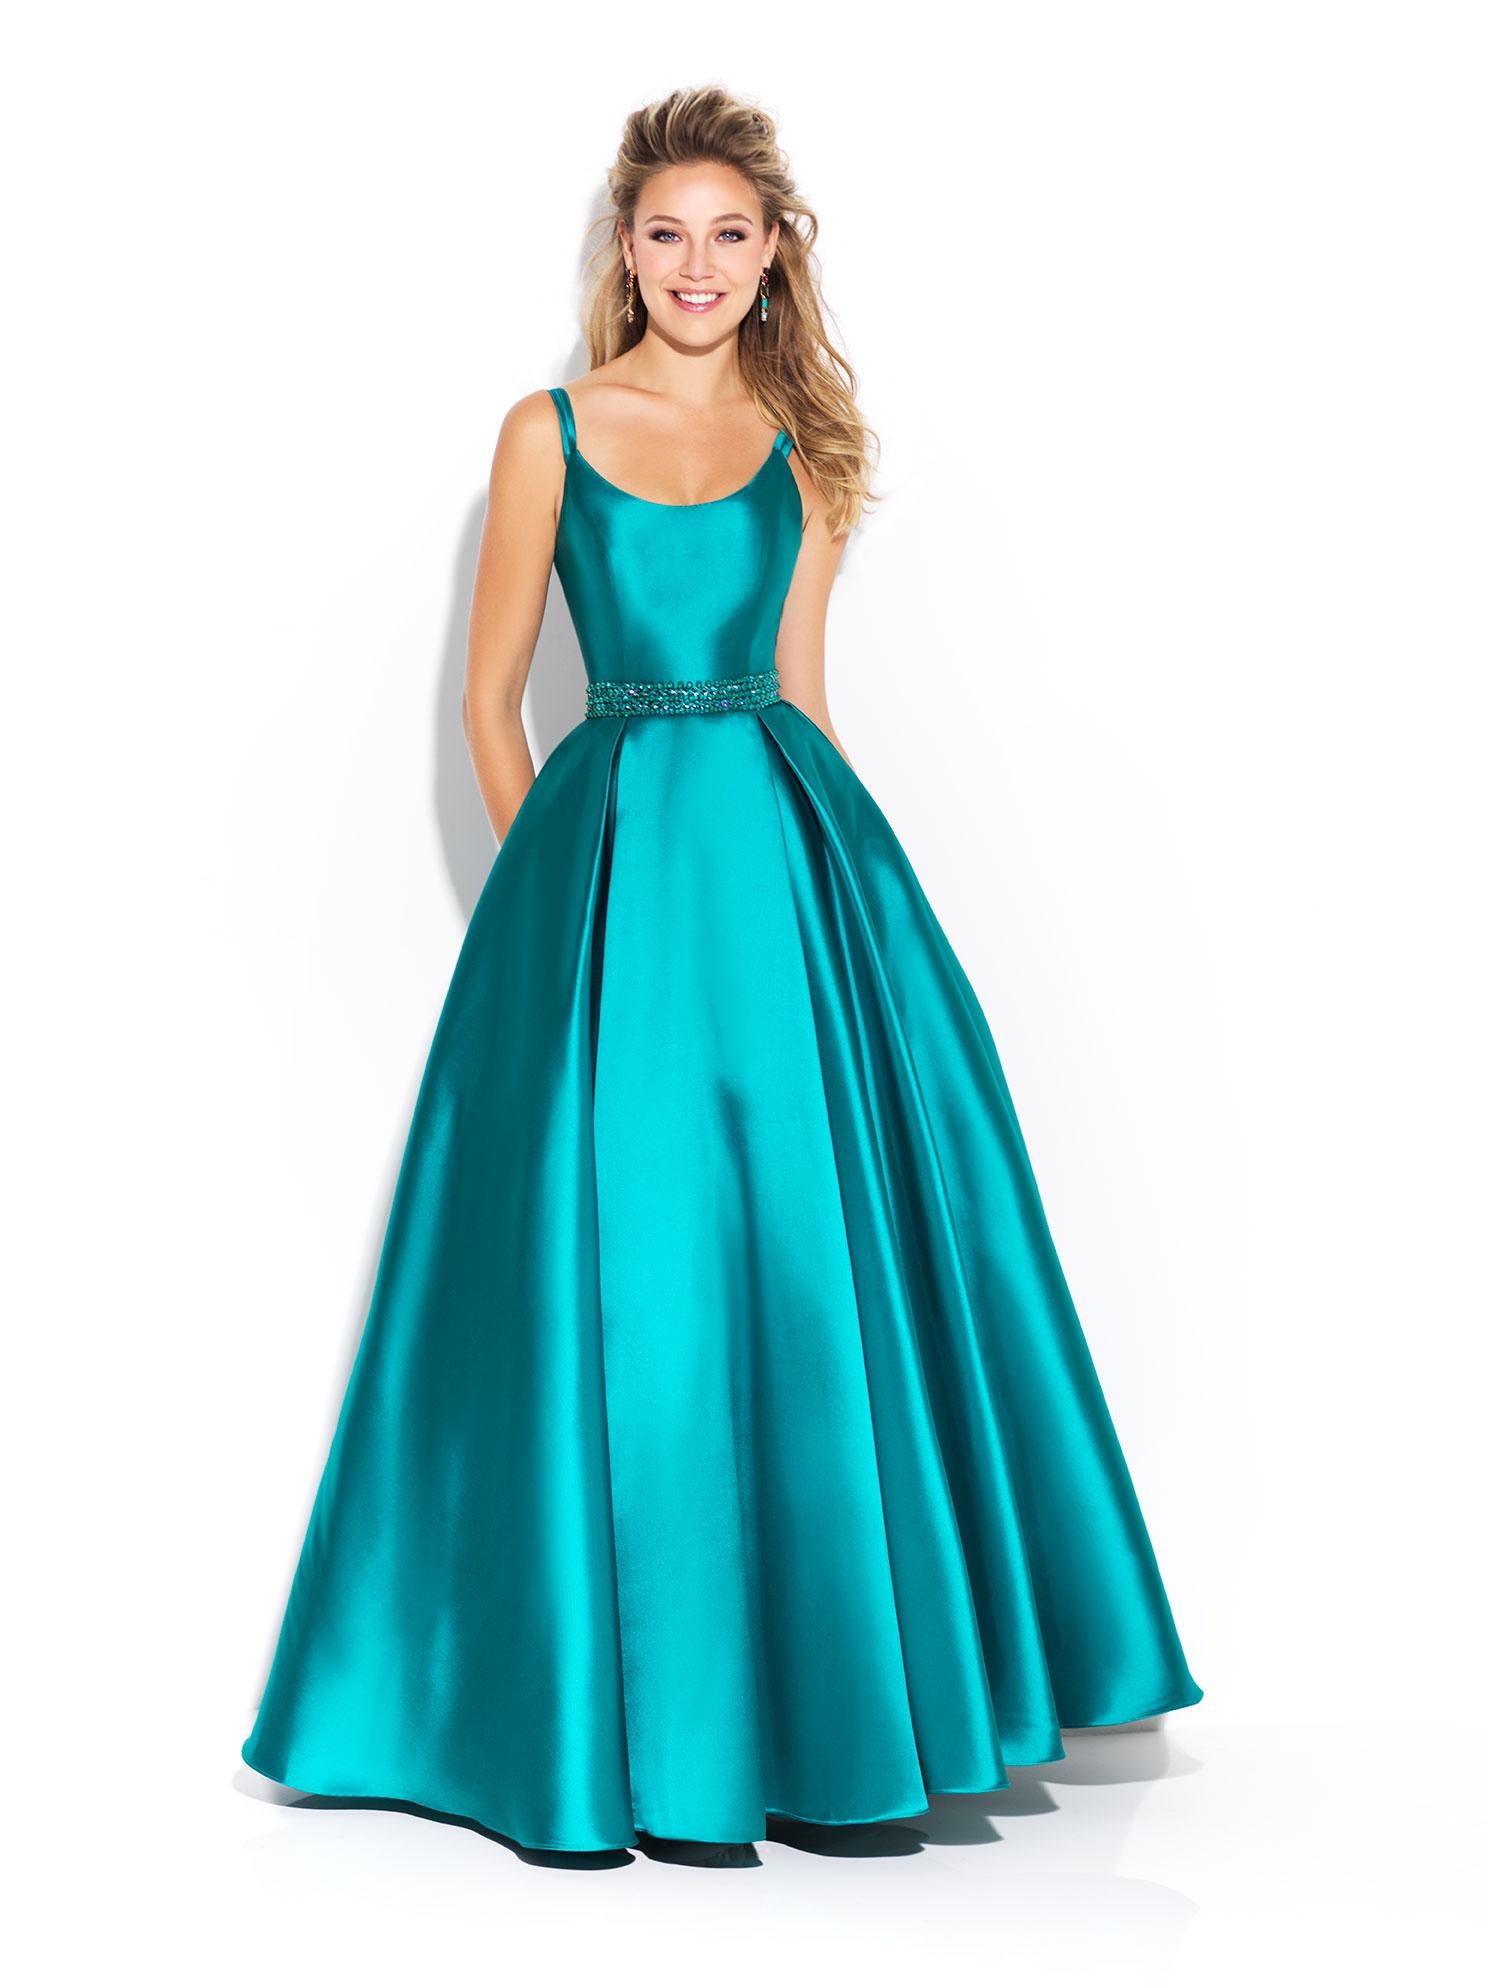 bfe39a354279 Spoločenské šaty   MJ 17-240 Zelene